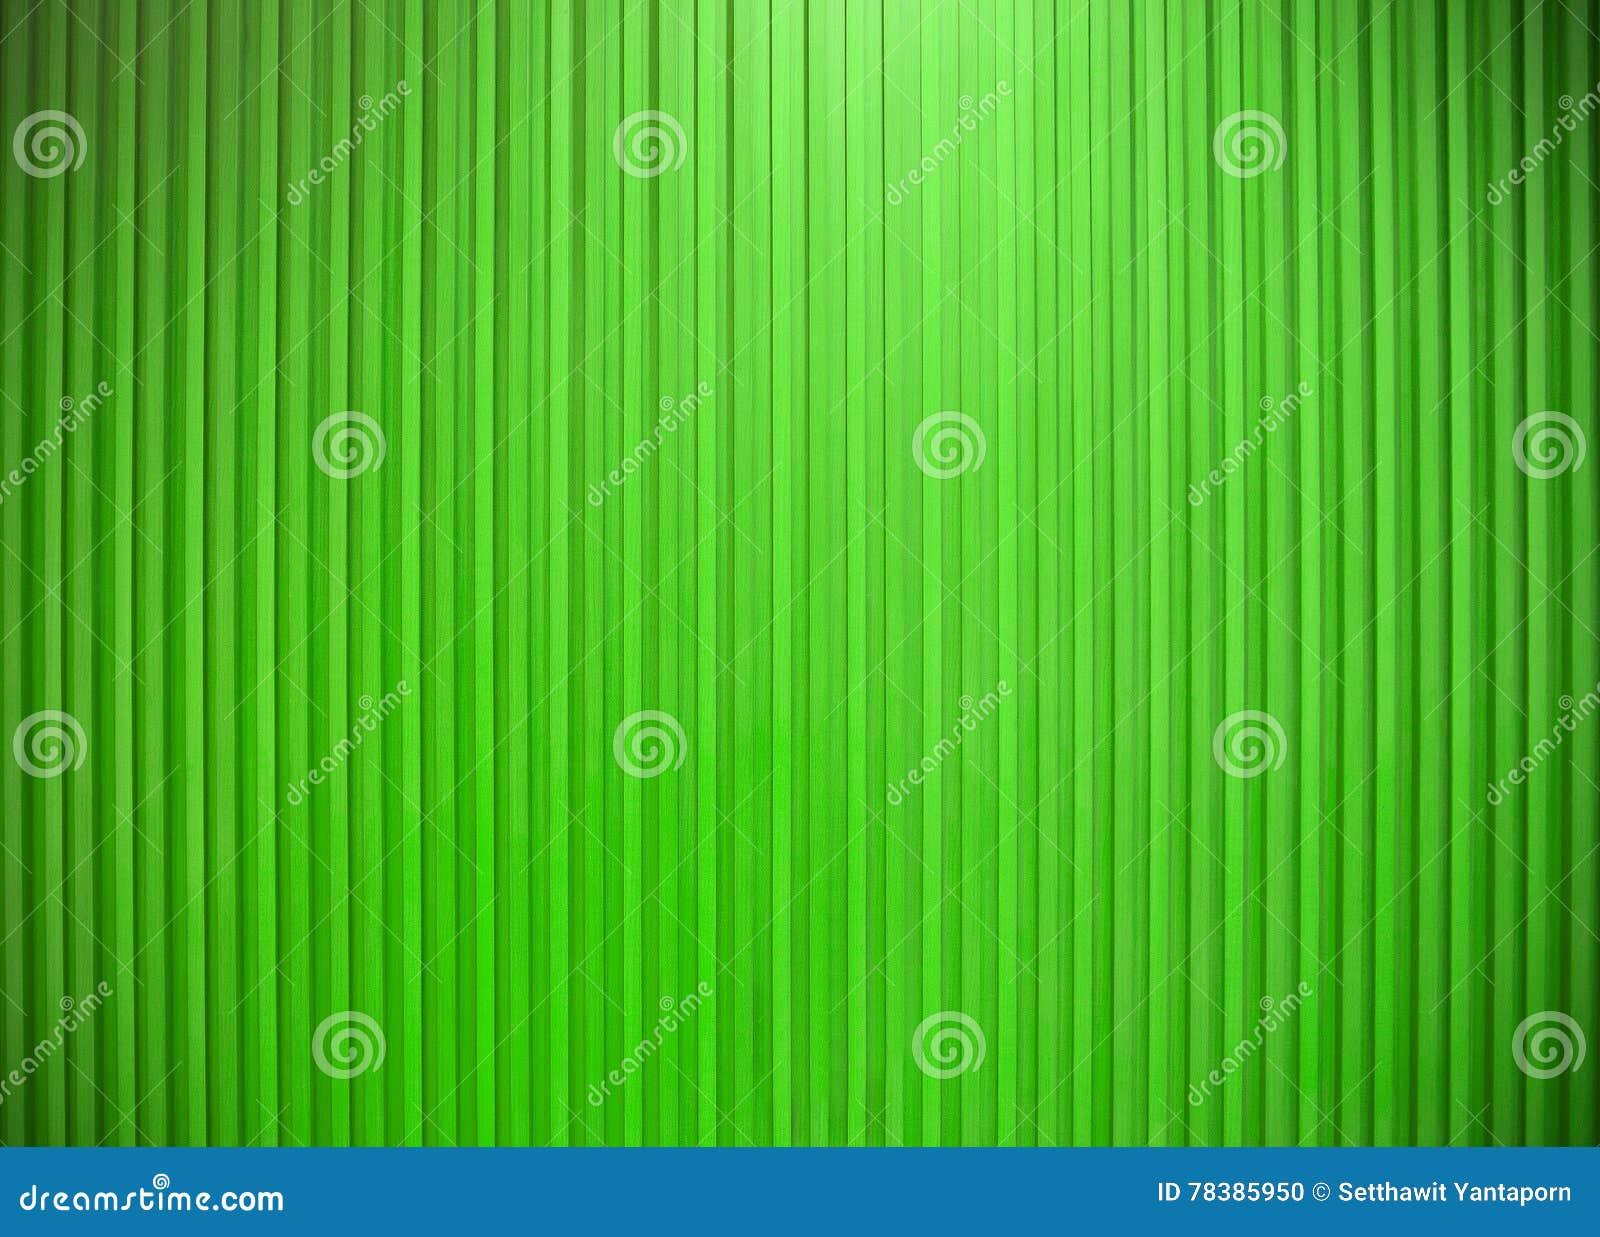 Encantador Uñas De Línea Vertical Composición - Ideas de Pintar de ...